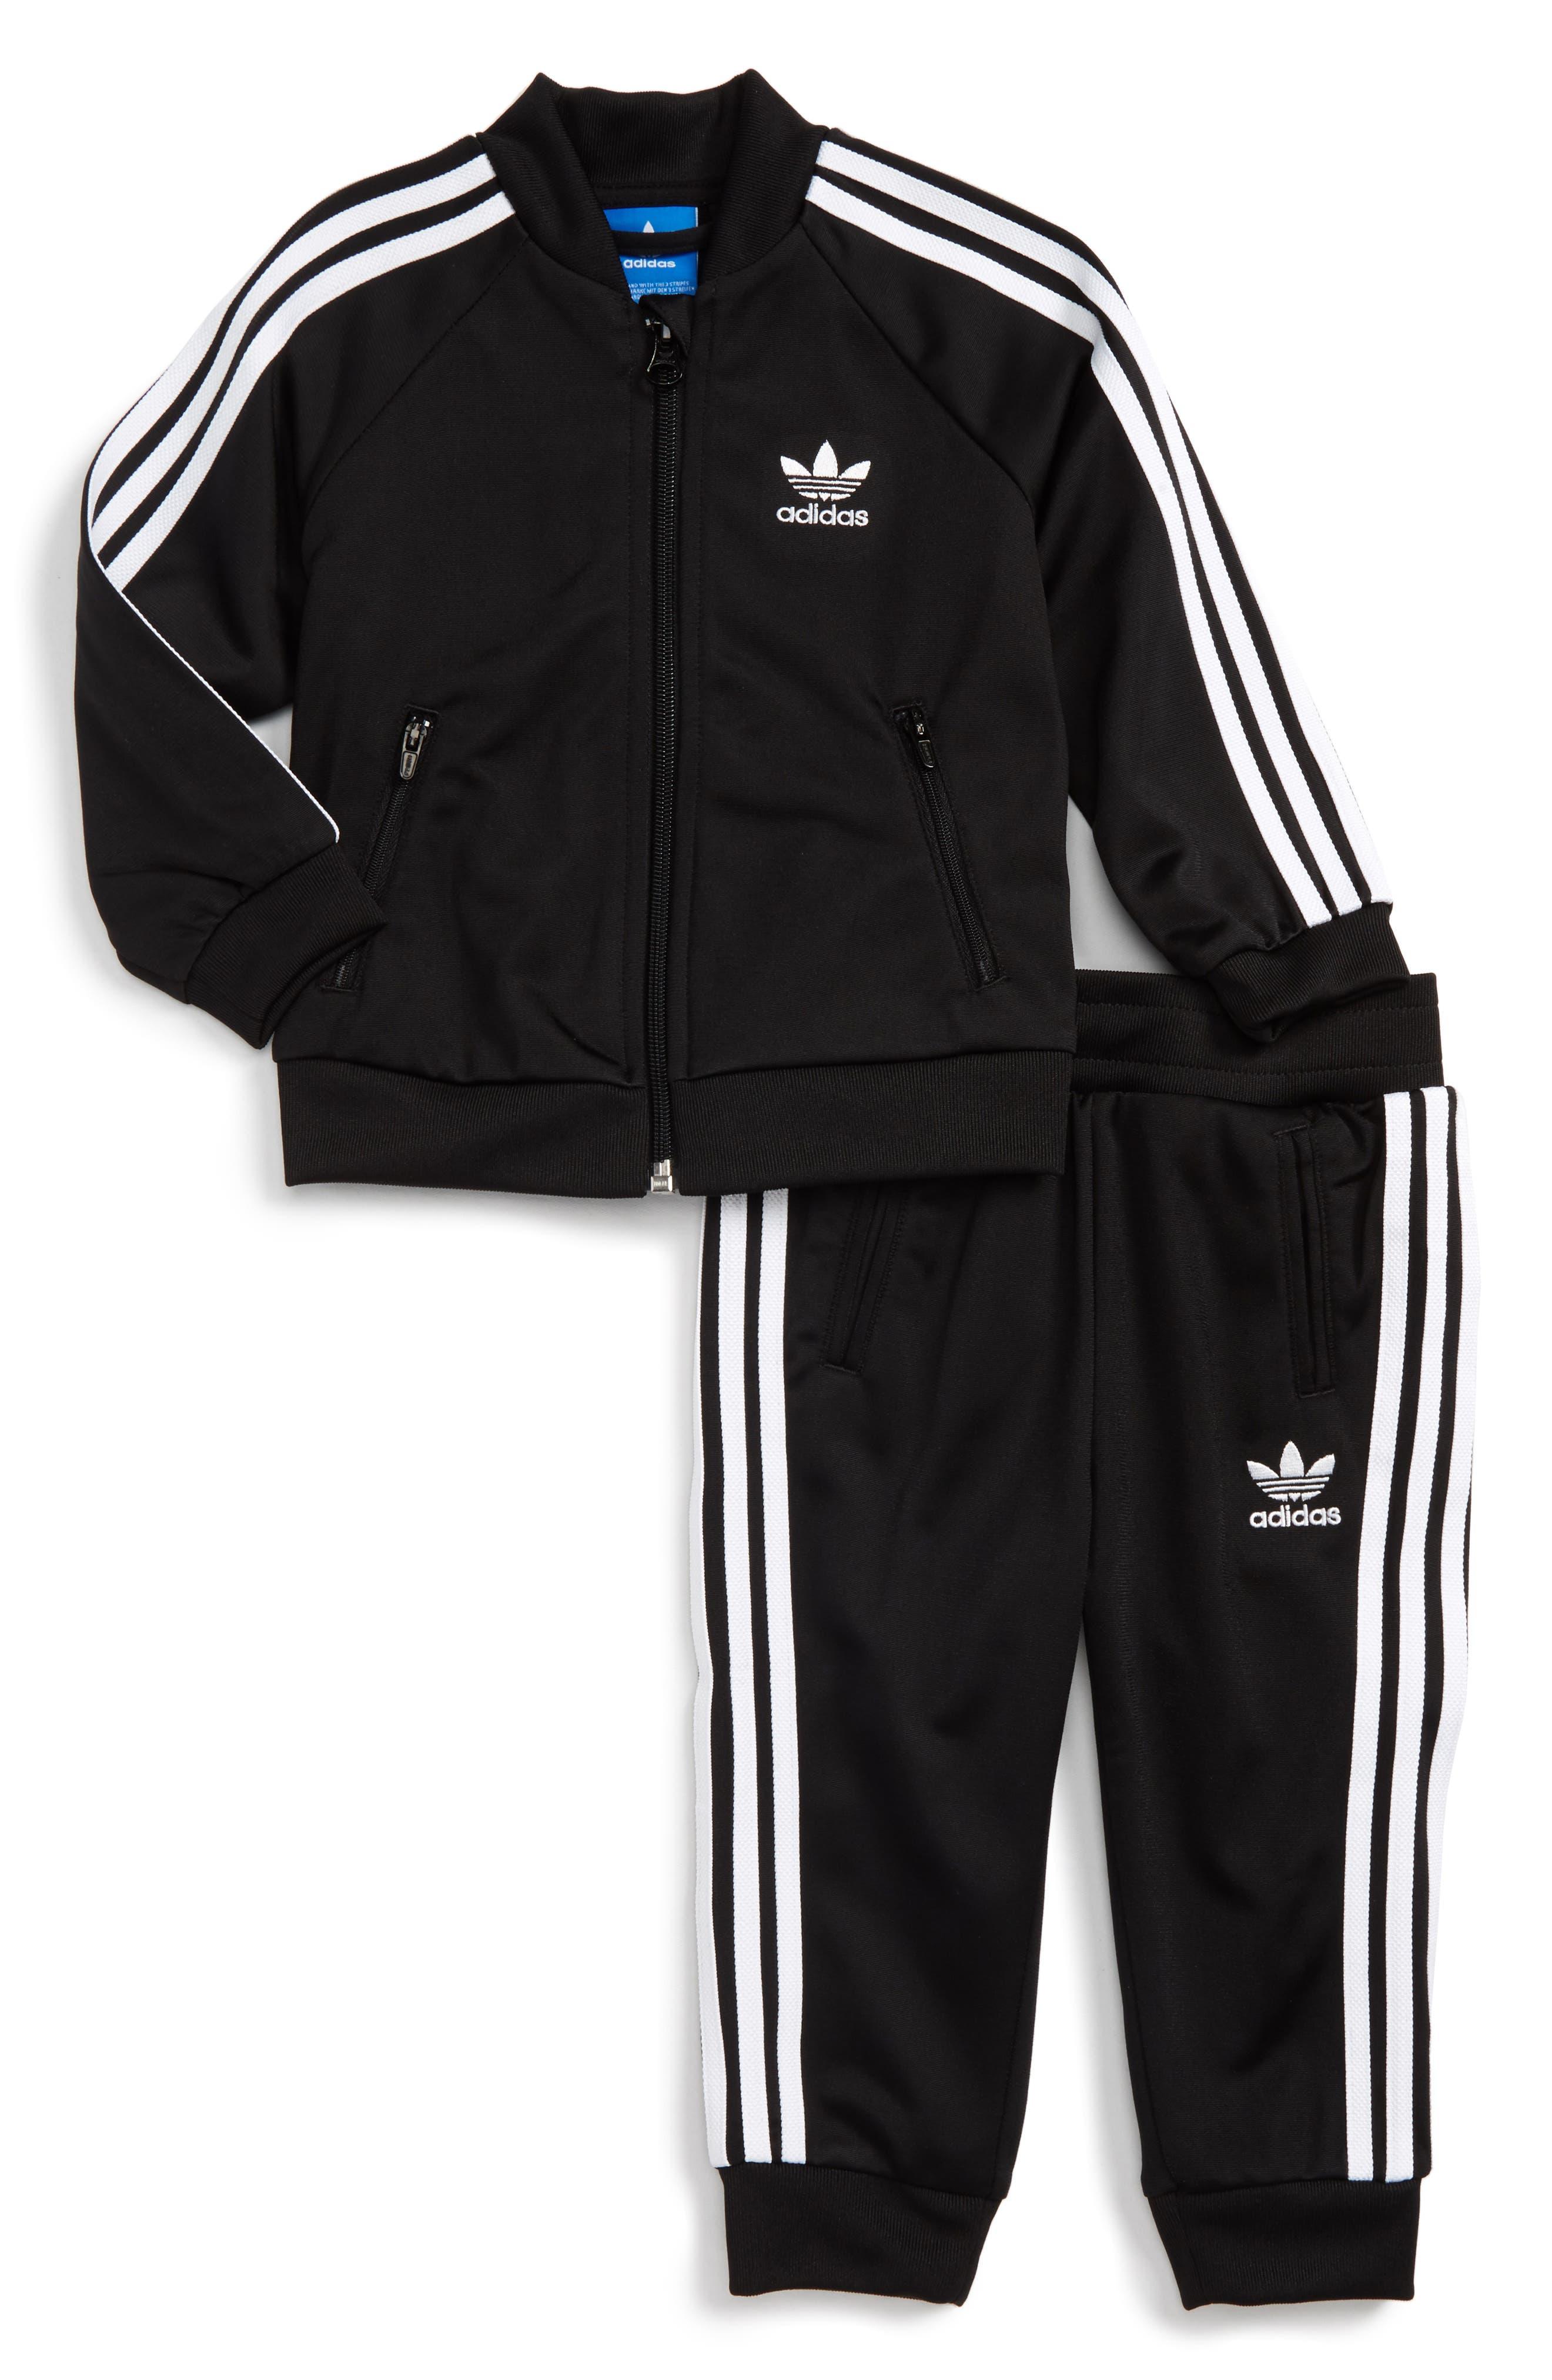 Black white and gold adidas jacket